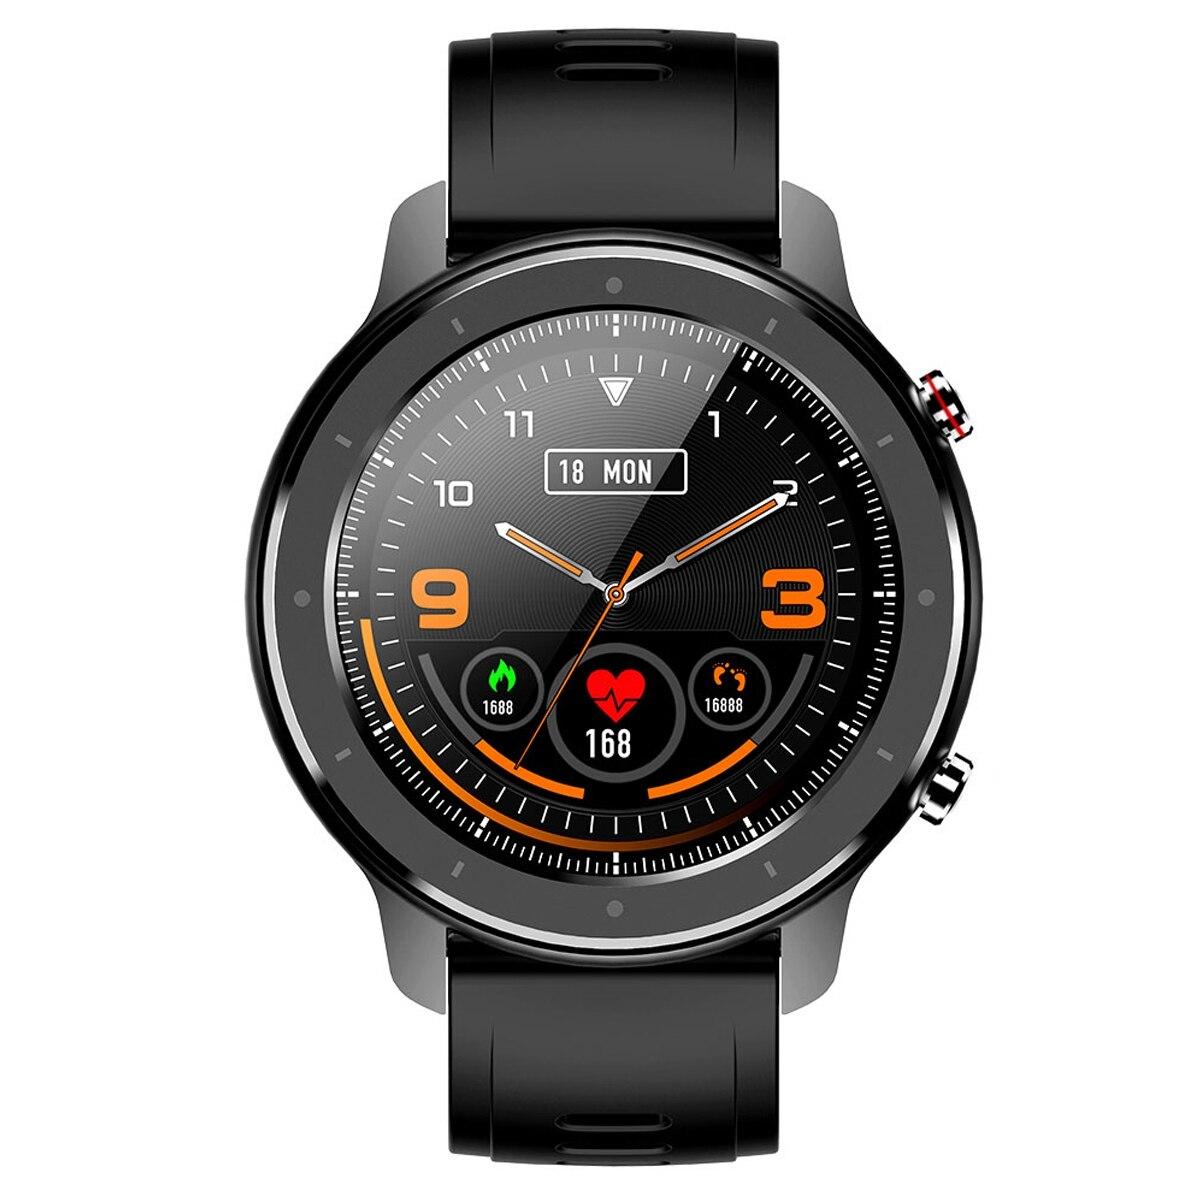 Reloj inteligente MOOL F12 de 1,3 pulgadas a prueba de agua IP68 para teléfono Android IOS Apple iPhone reloj inteligente negro